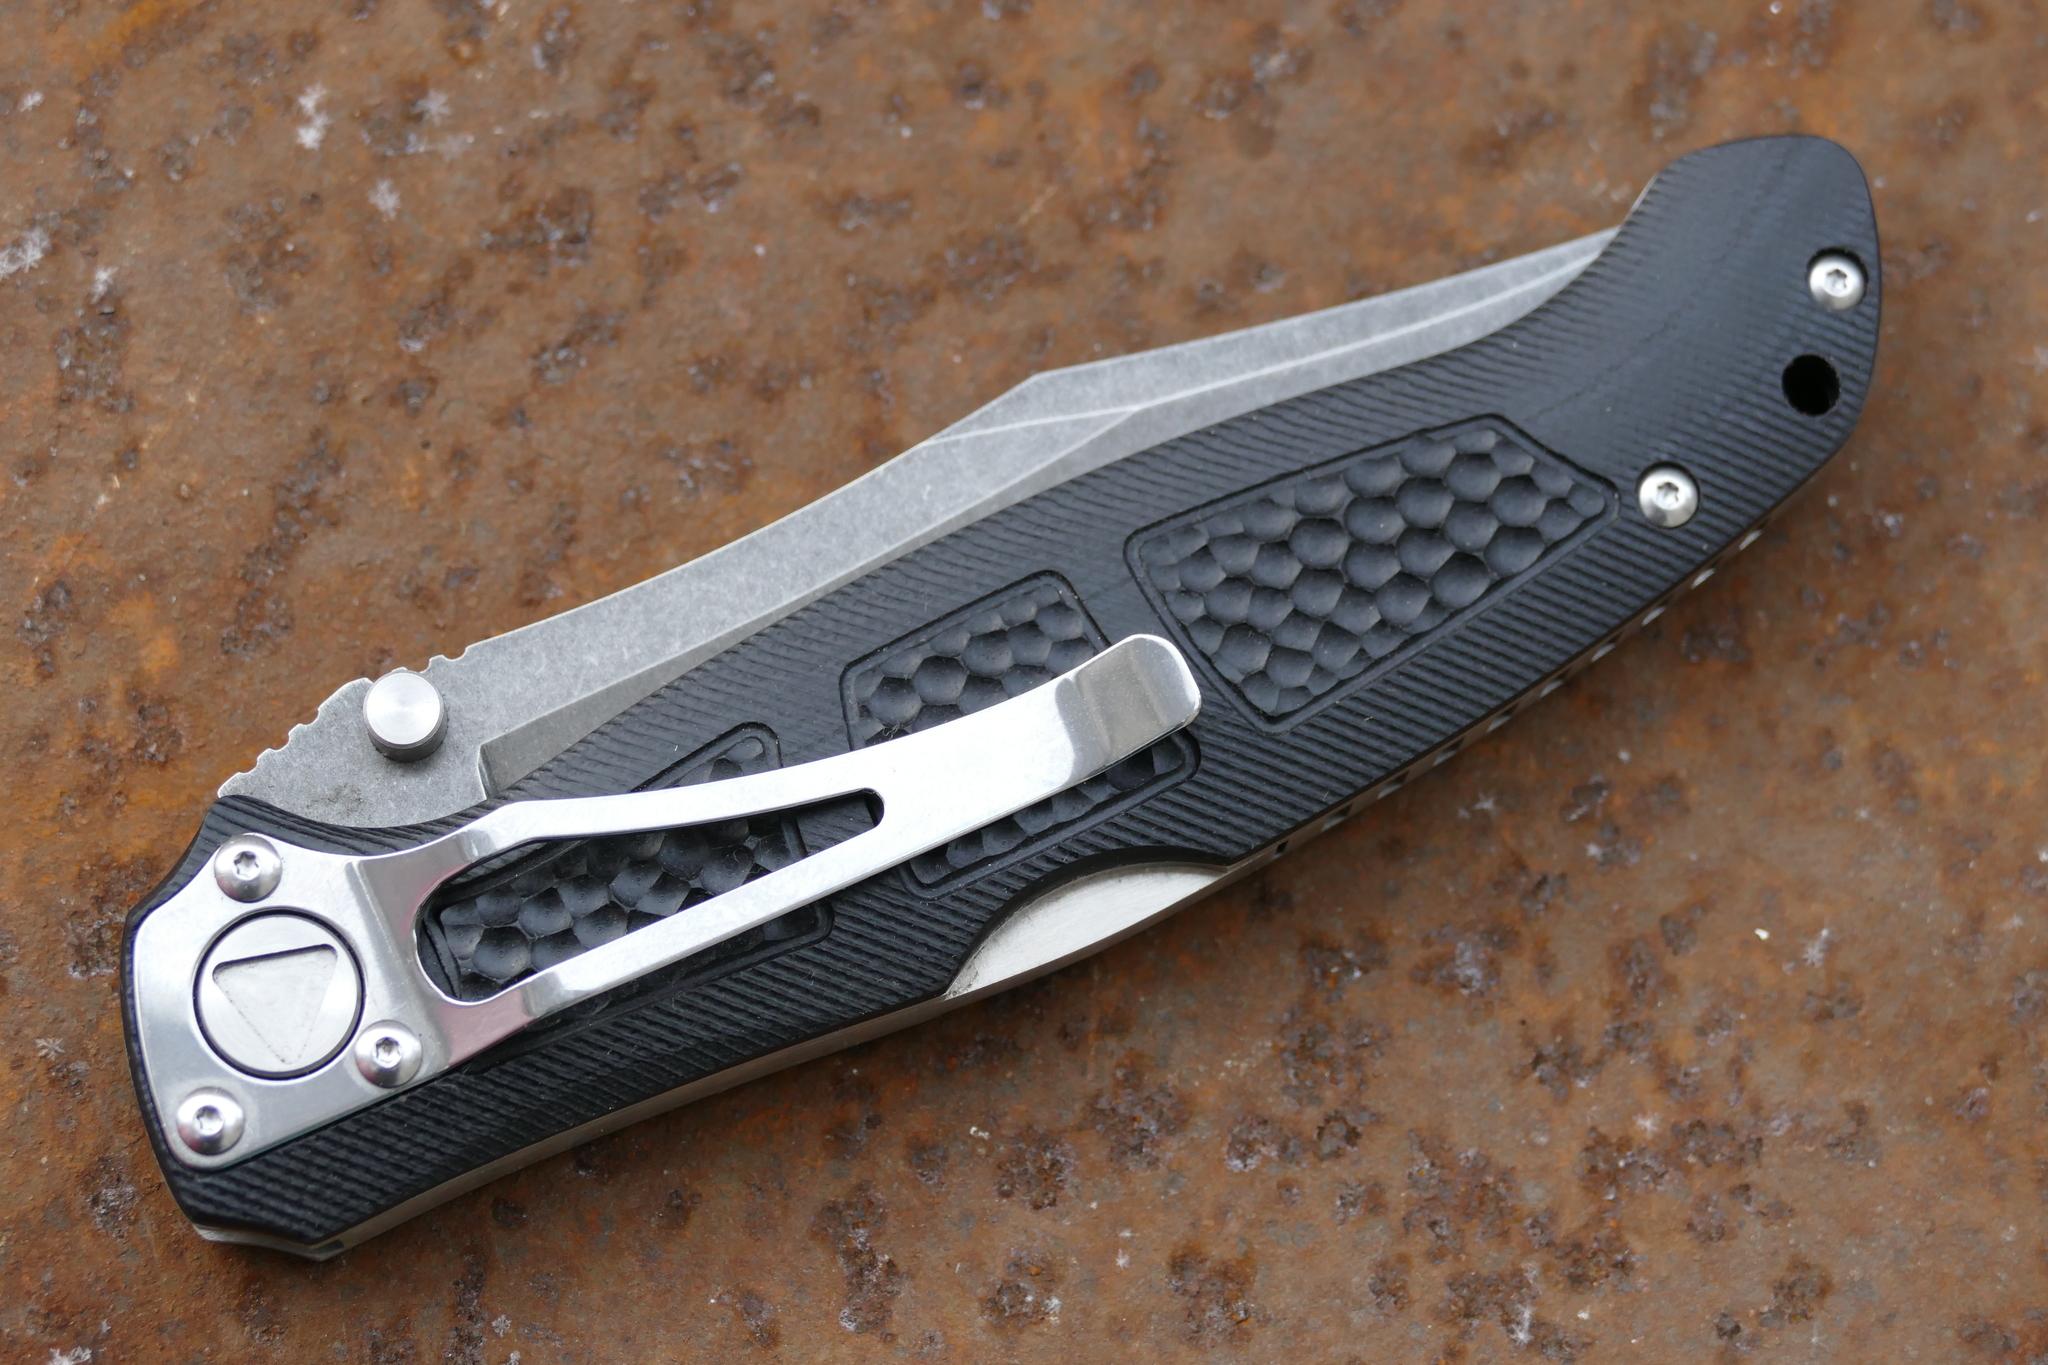 Фото 10 - Складной нож Брат 4, D2 от Steelclaw